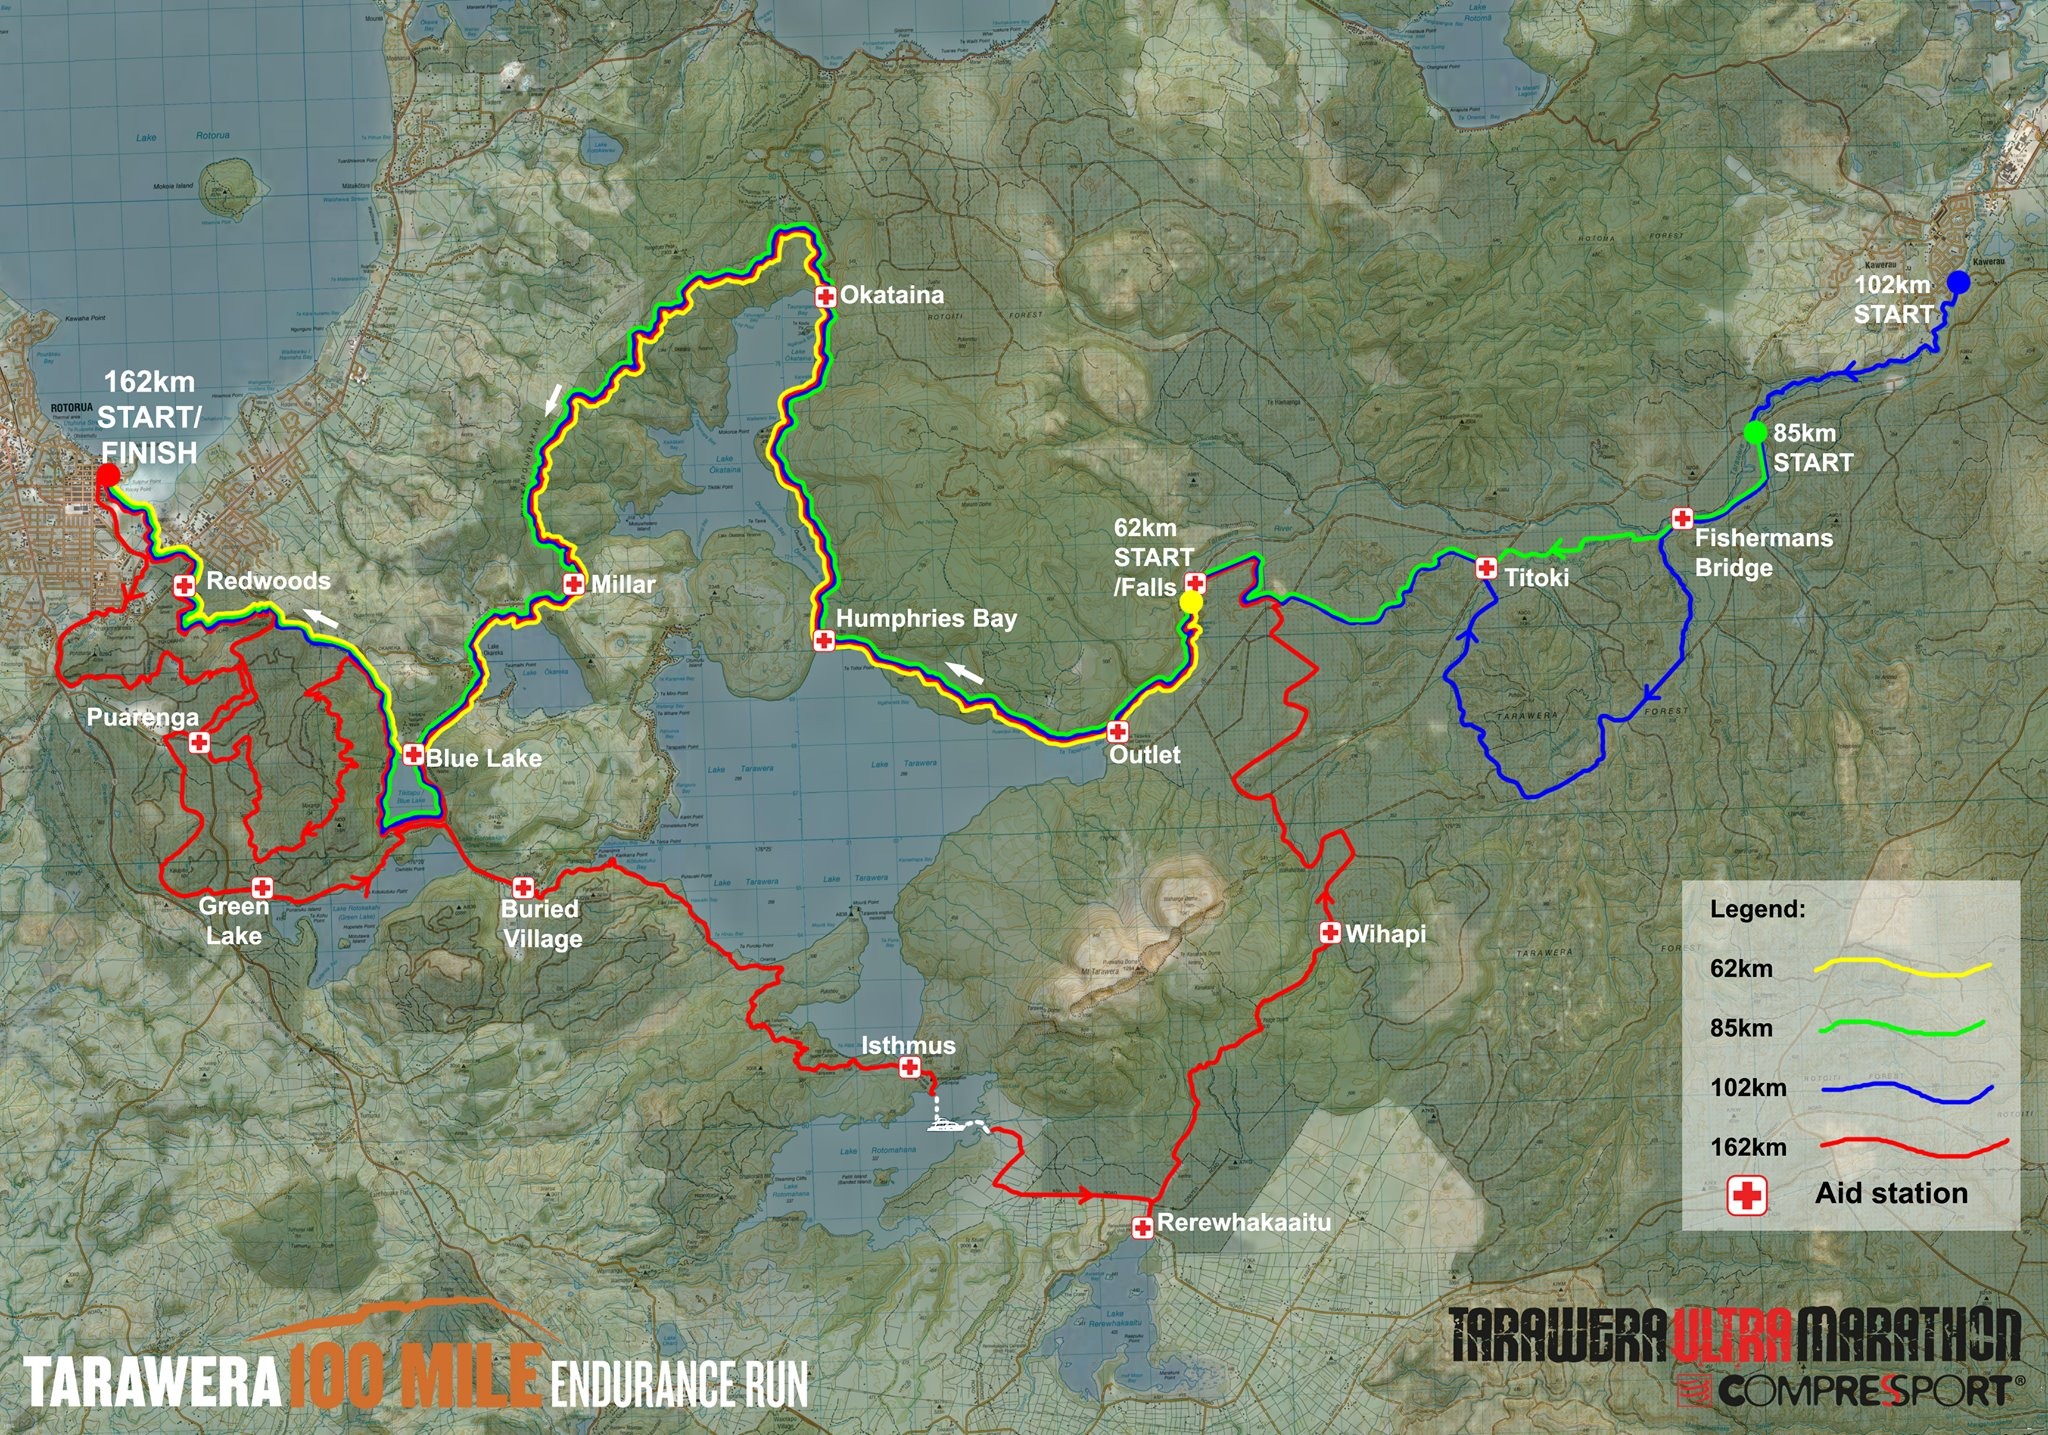 Tarawera ultramarathon 102k